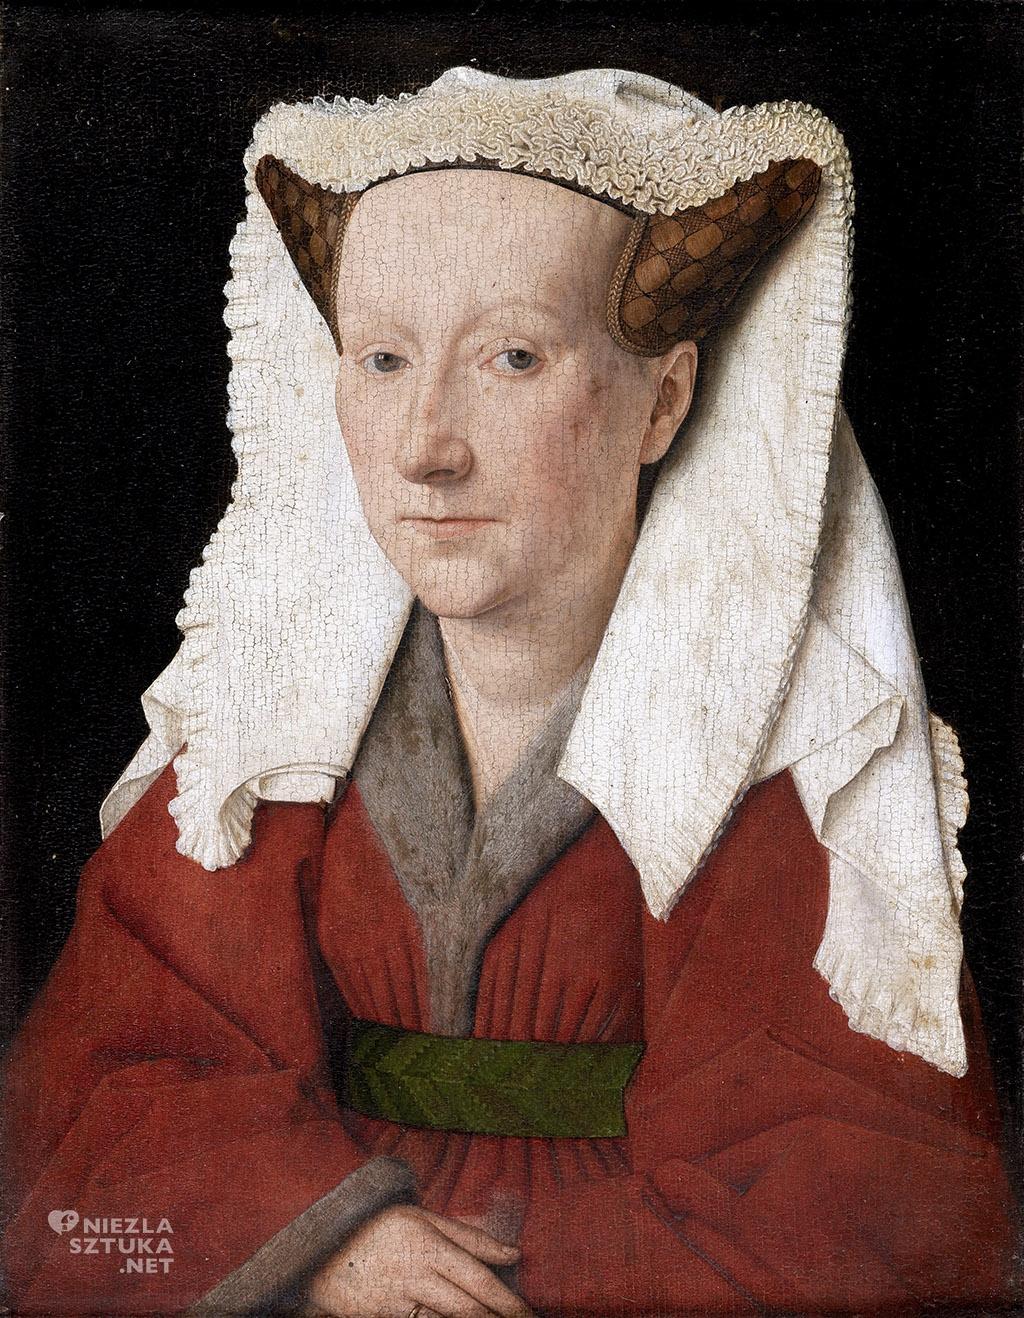 Jan van Eyck, Portret Margarety van Eyck, 1439, olej na desce, 32,6 × 25,8 cm, Groeningemuseum, Brugia